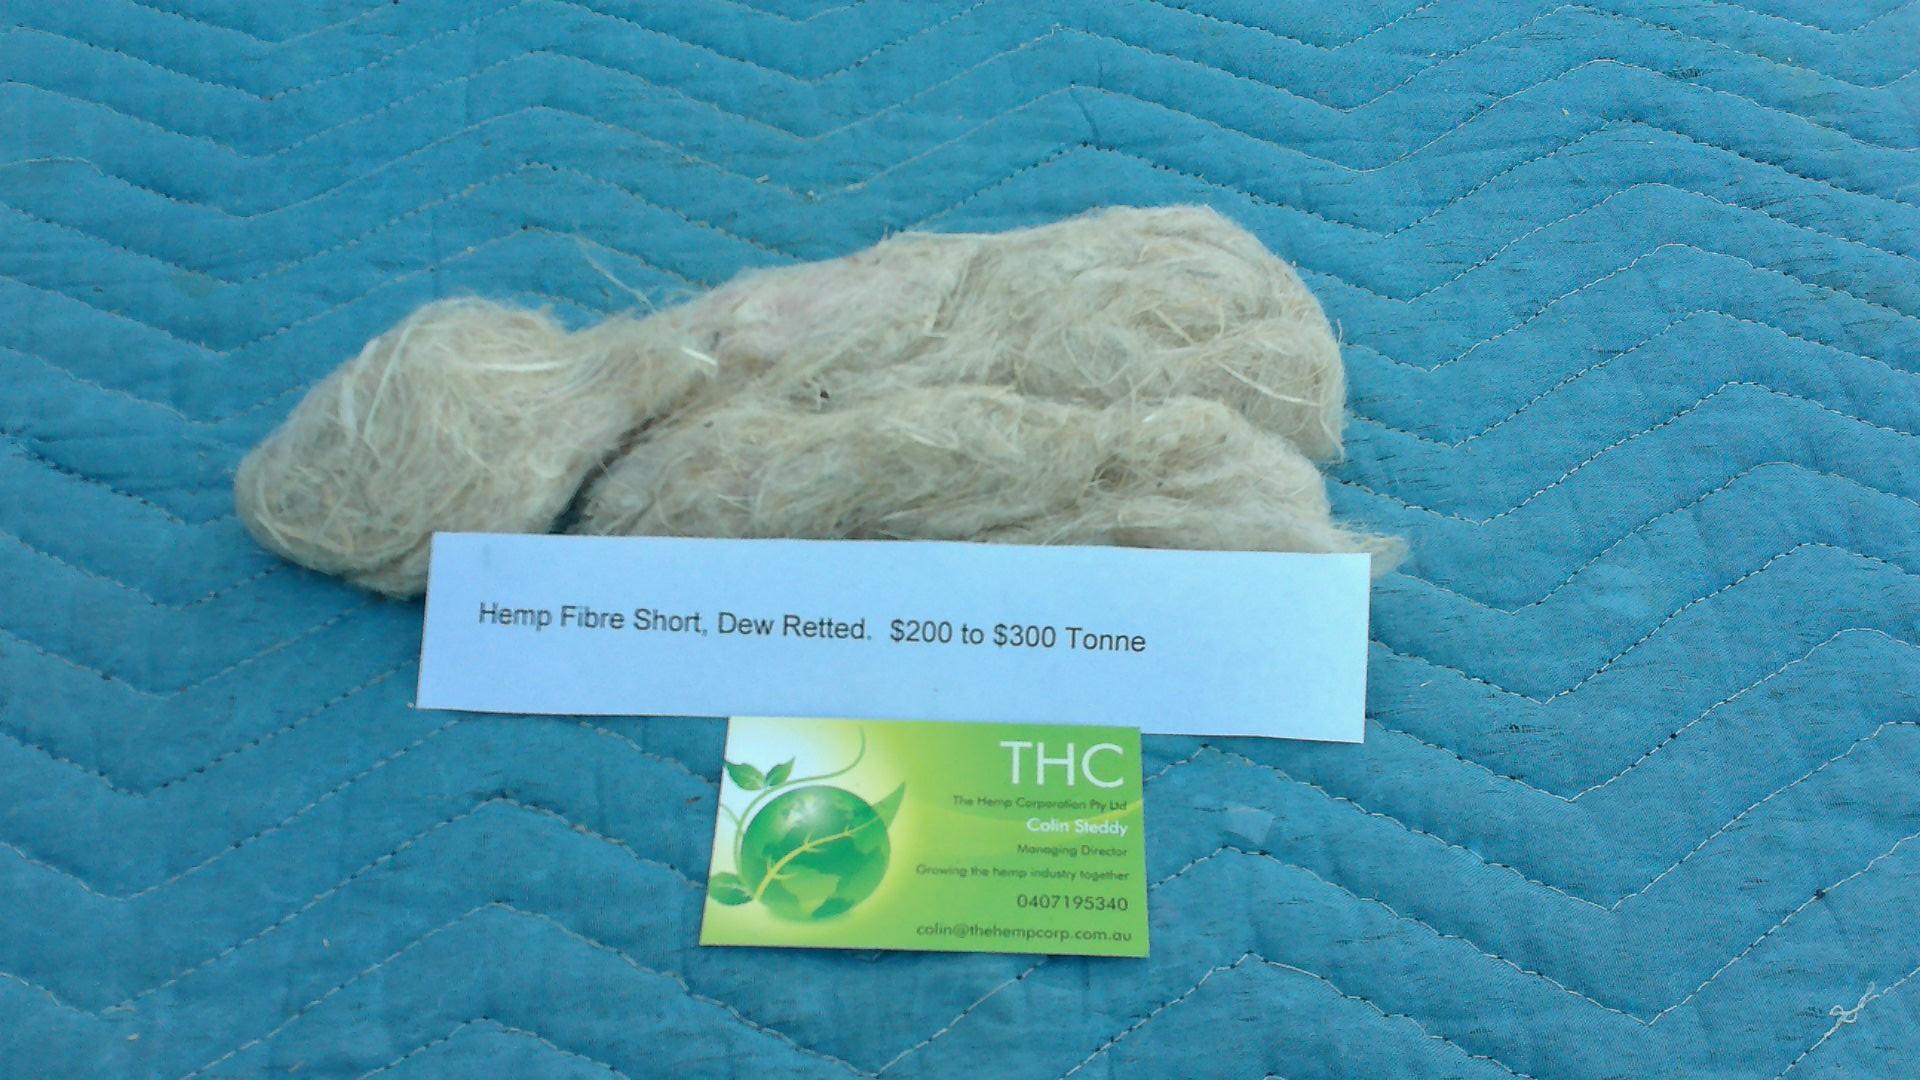 Hemp fibre short dew retted